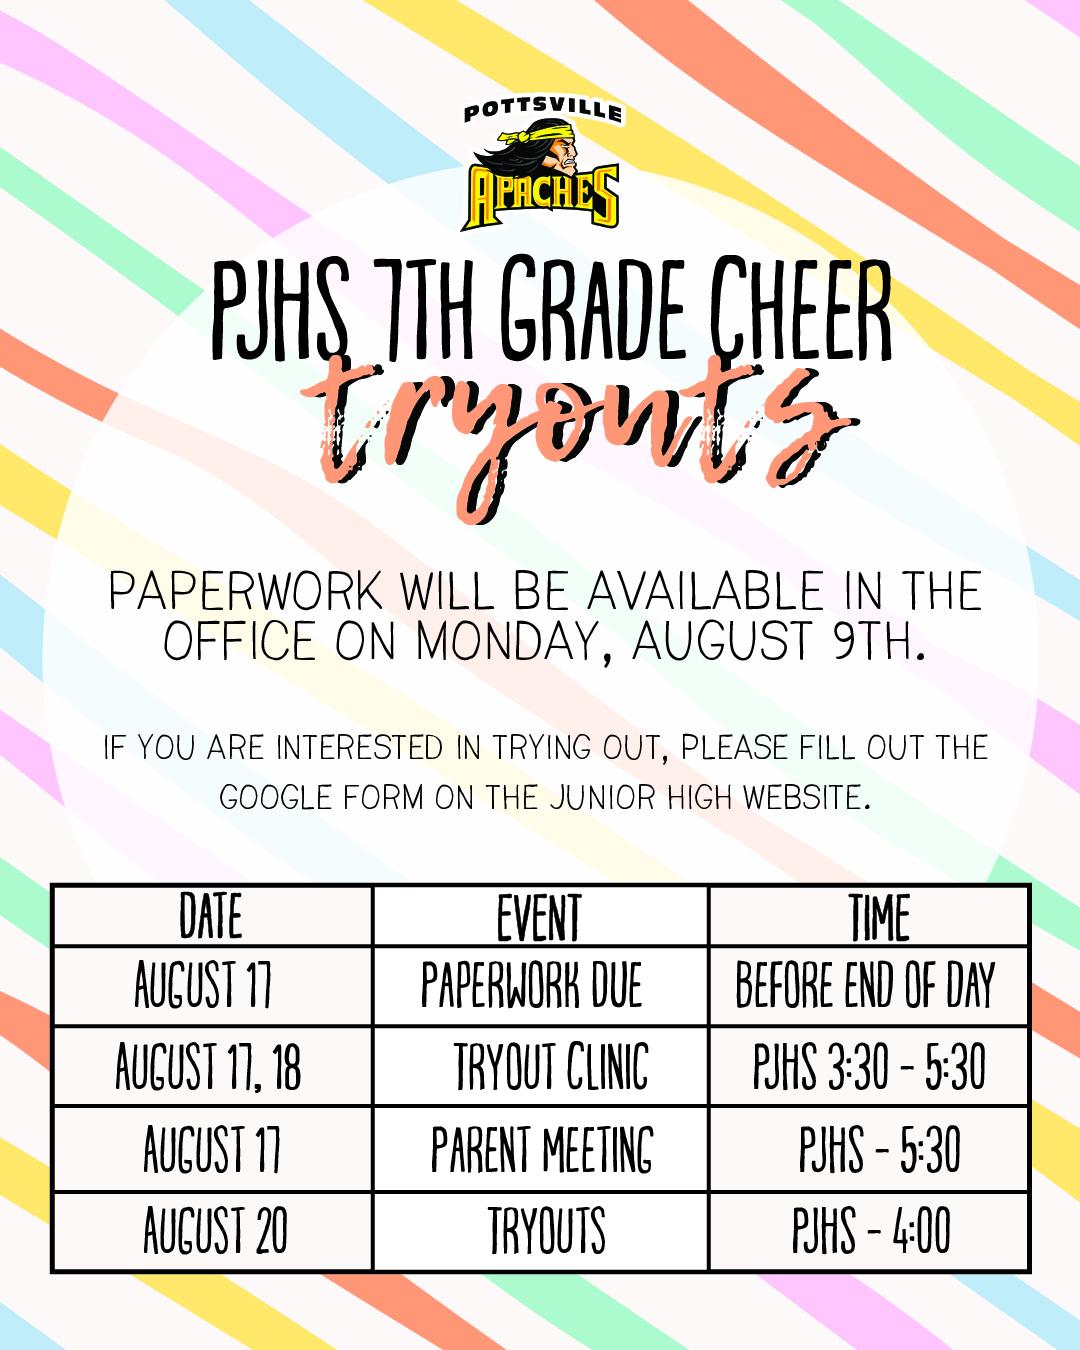 7th Grade Cheer Information